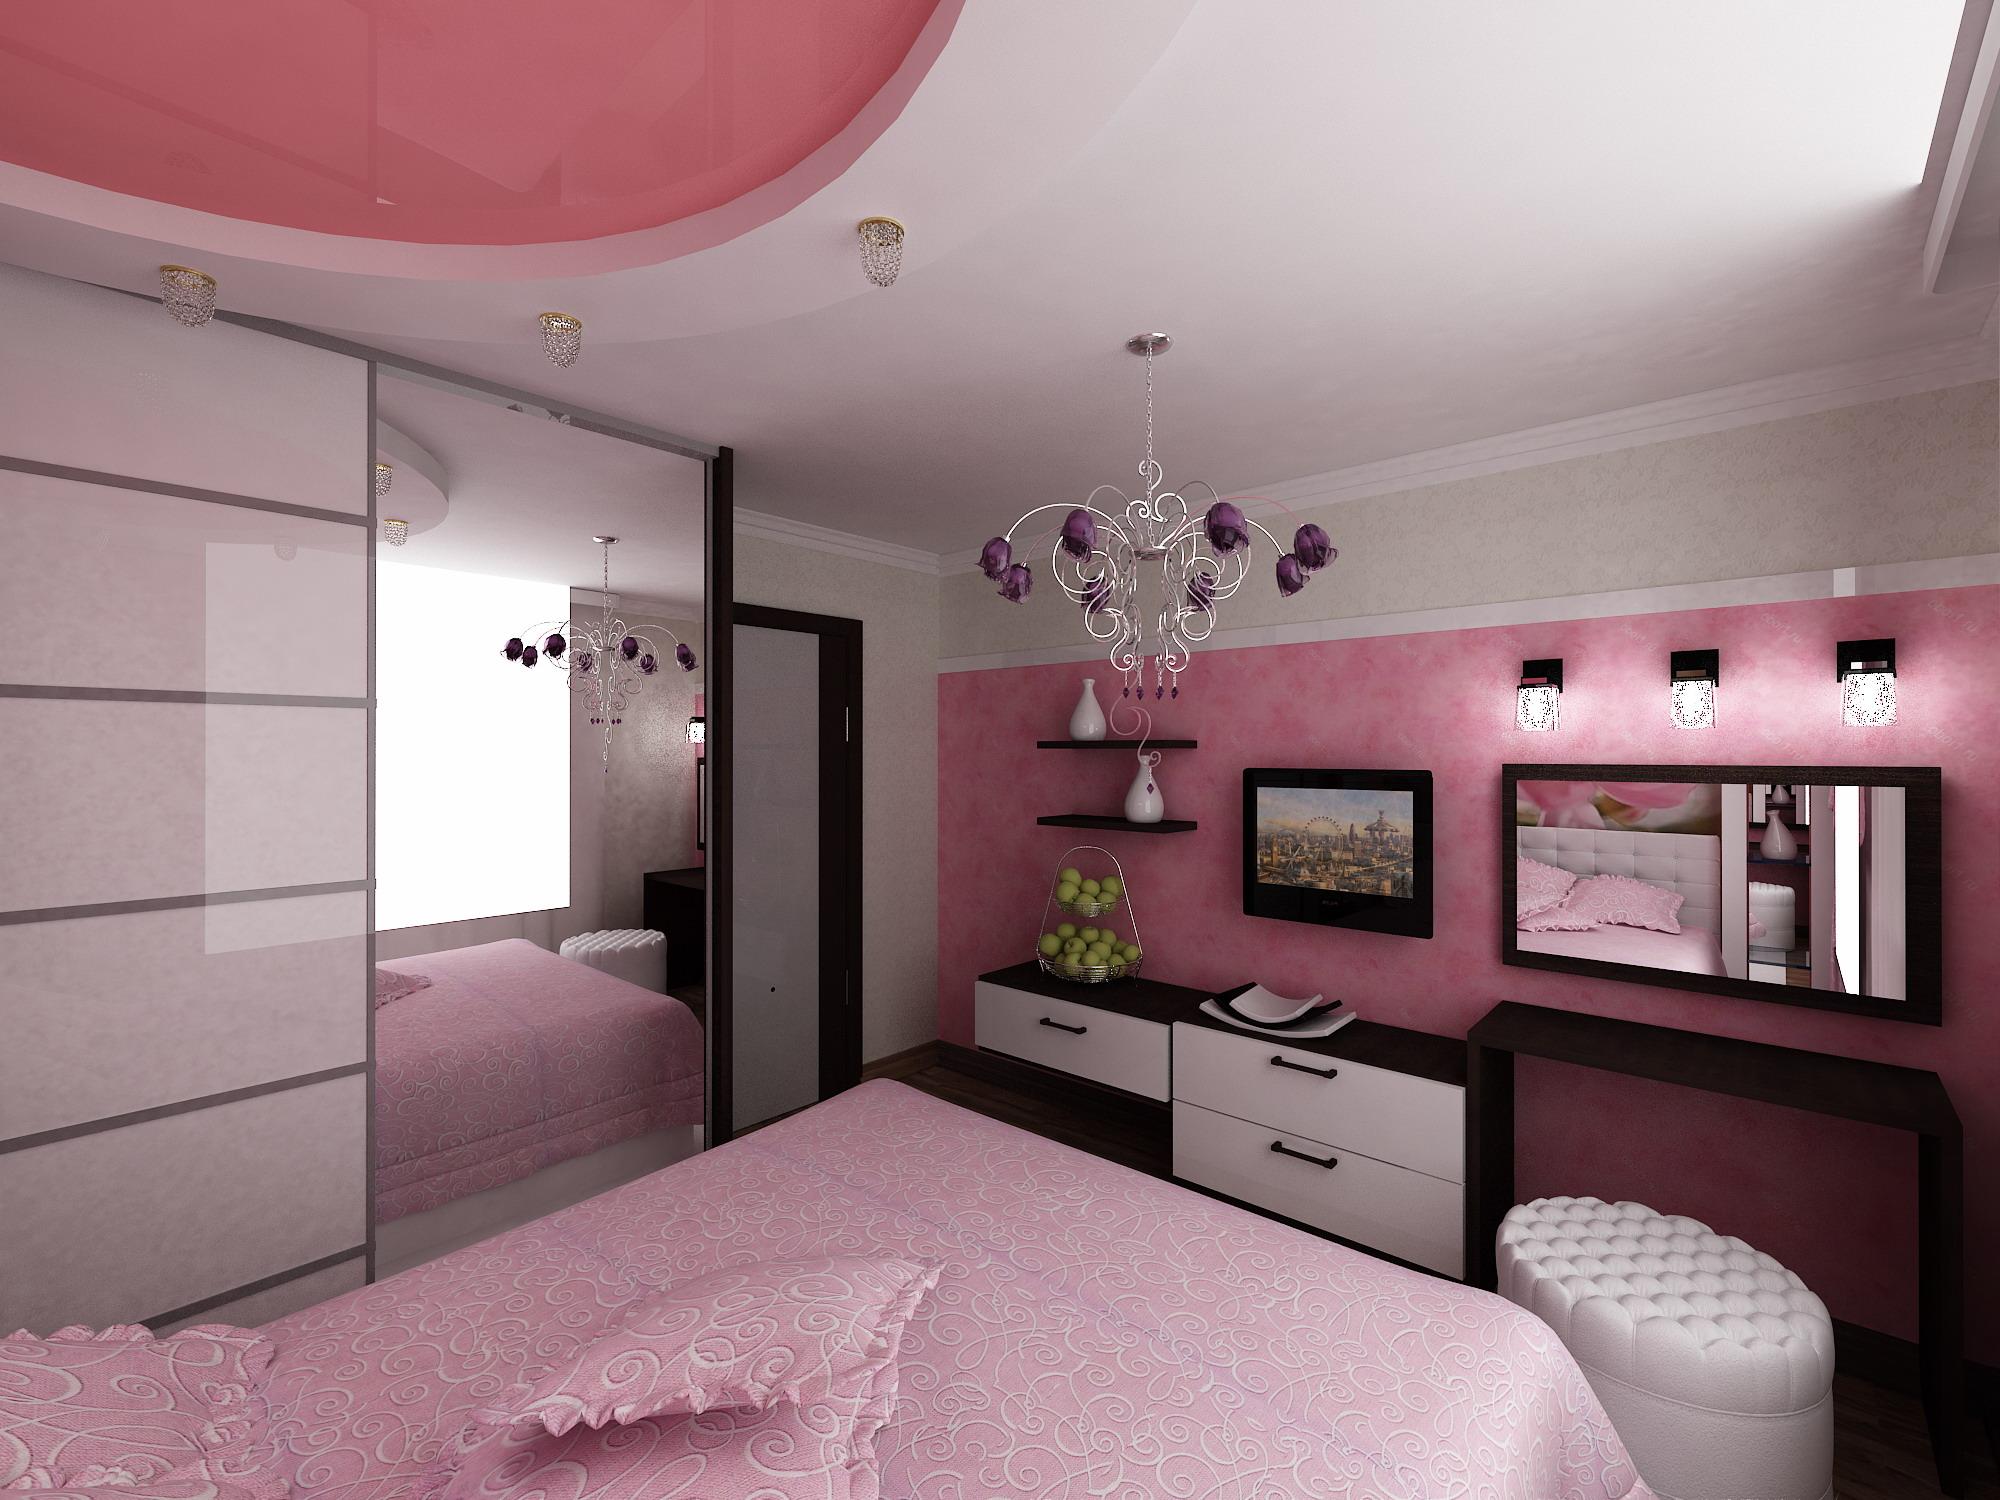 Спальня 17 м дизайн фото